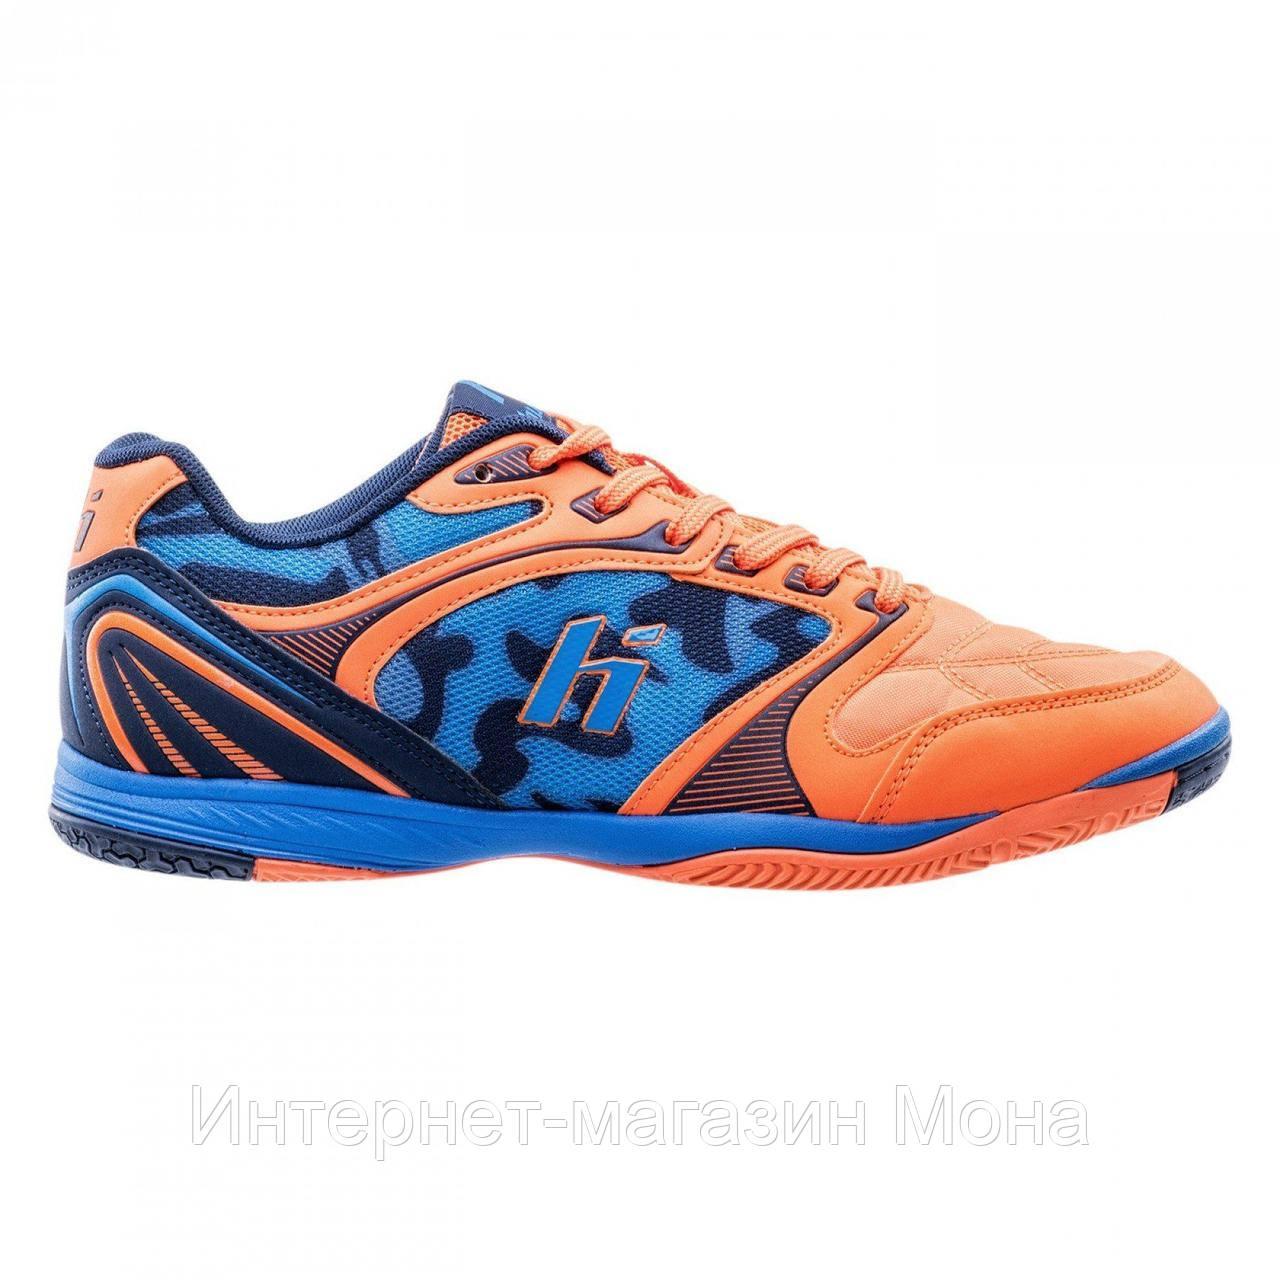 fcb2a153 Huari футбольные бутсы EDINSON IC orange/navy/lake blue р. 41, цена 1 507  грн., купить в Киеве — Prom.ua (ID#832071310)